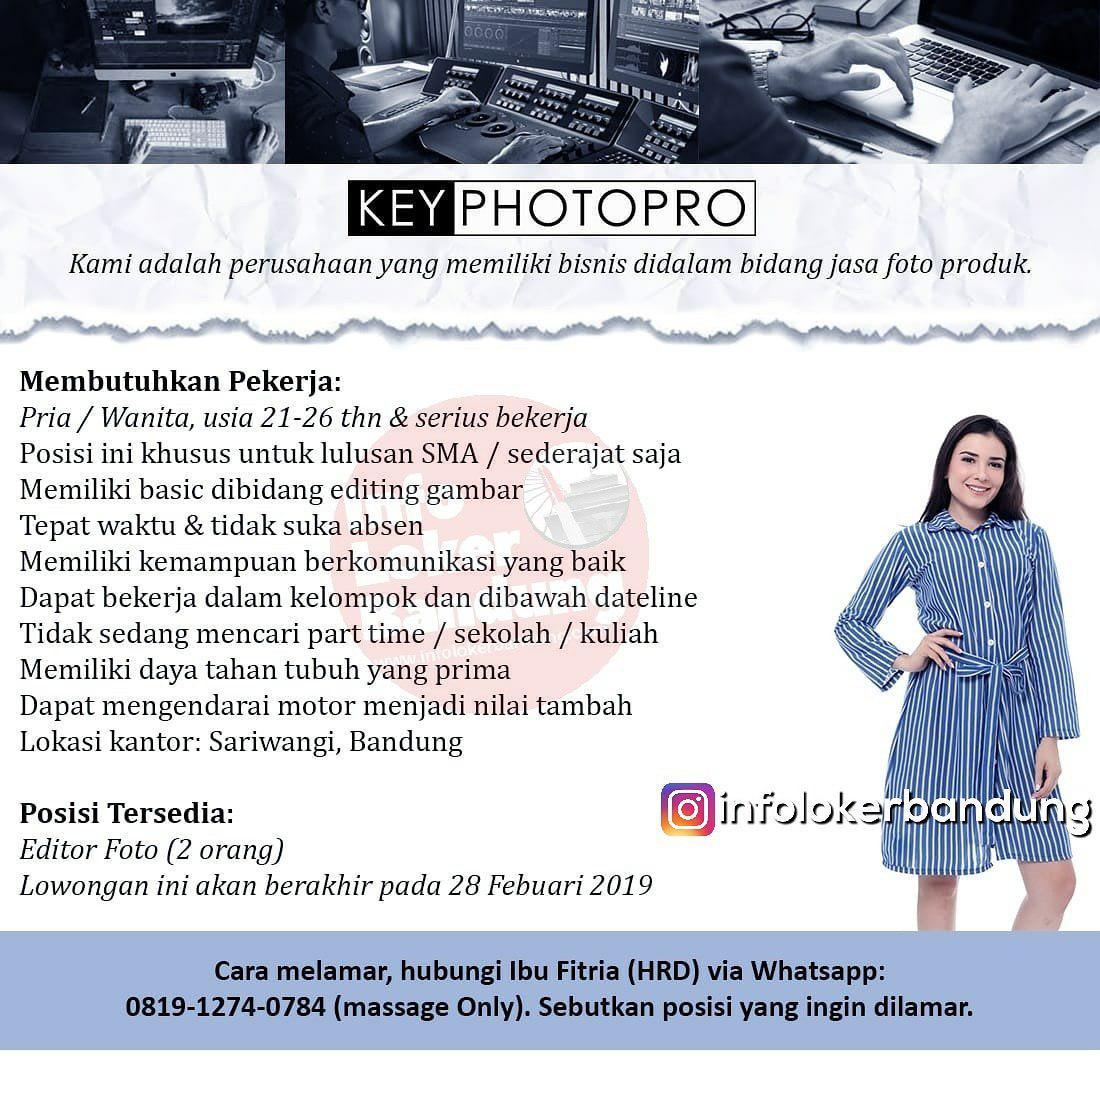 Lowongan Kerja Key Photopro Bandung Februari 2019